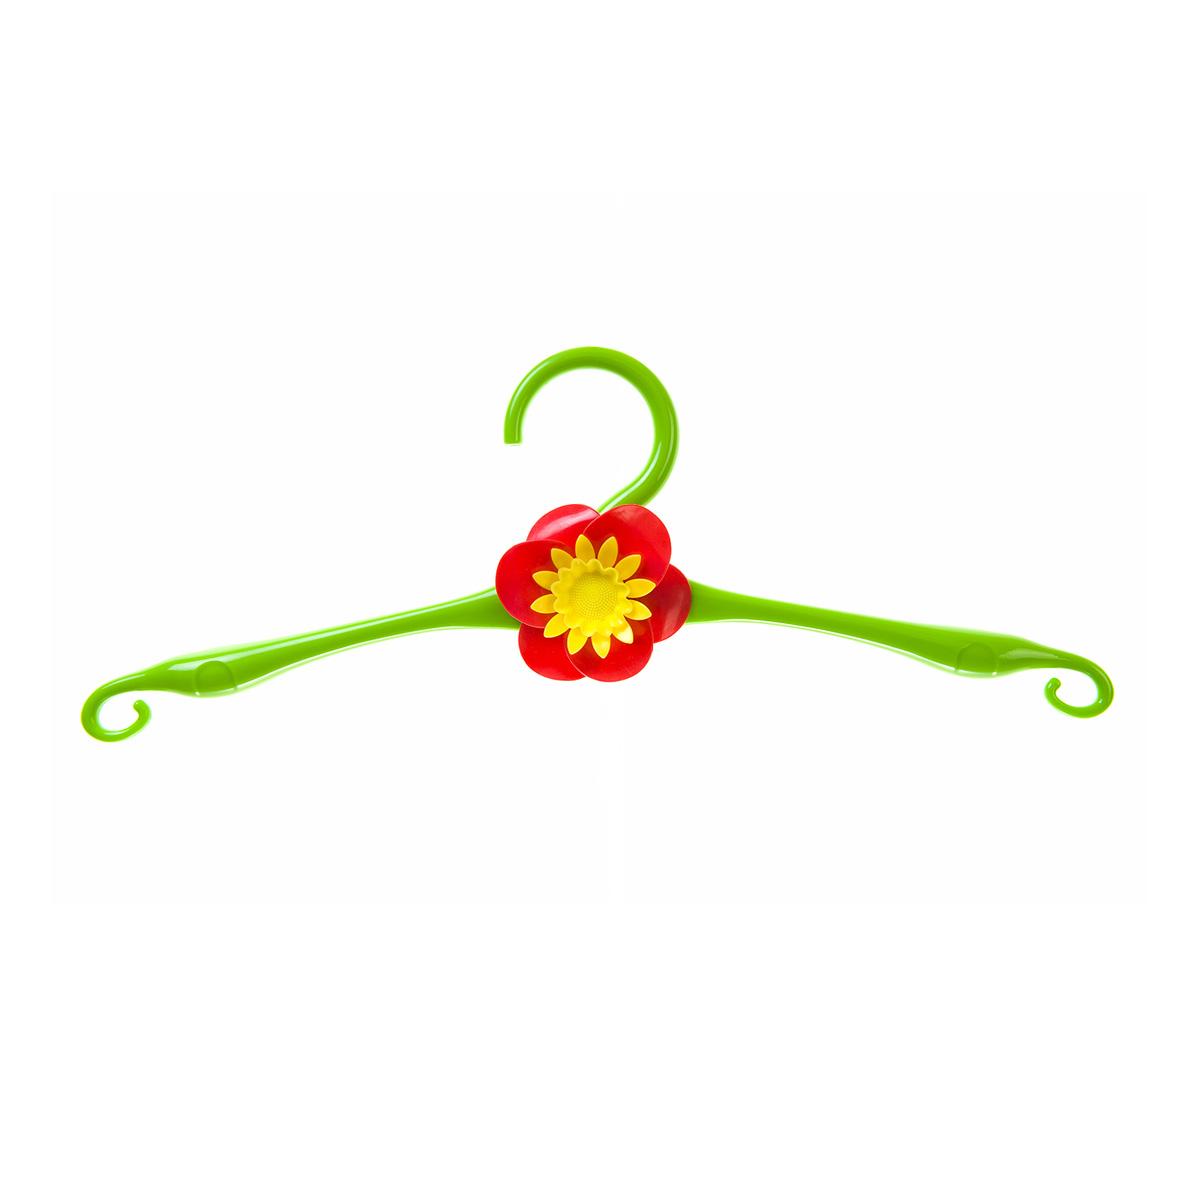 Вешалка HomeQueen, пластиковая, цвет: зеленый, длина 41 см70701